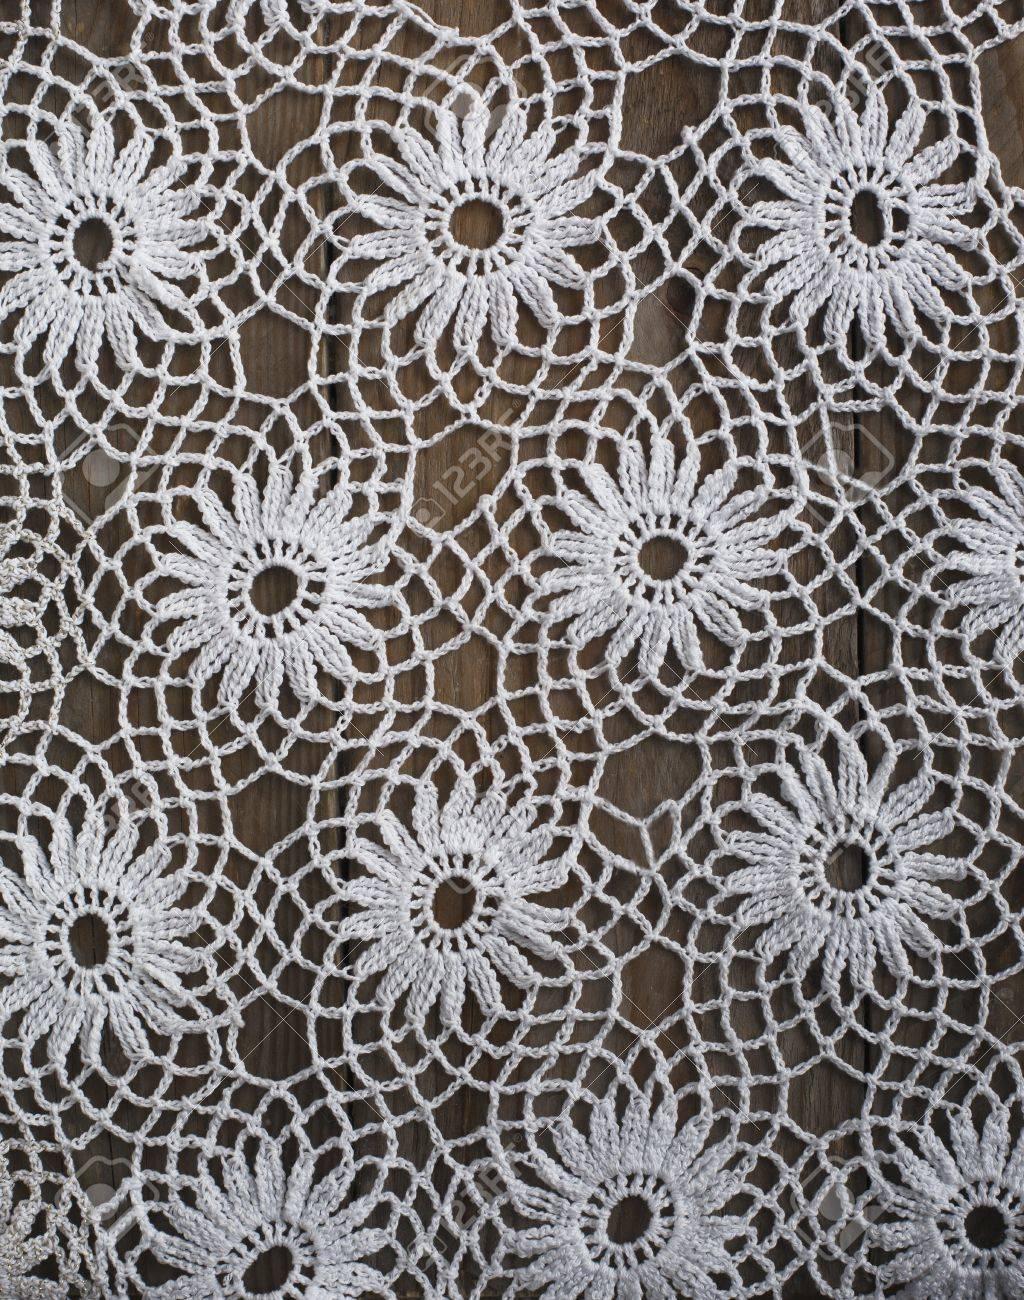 Handmade Häkeln Tischdecke Muster Lizenzfreie Fotos Bilder Und